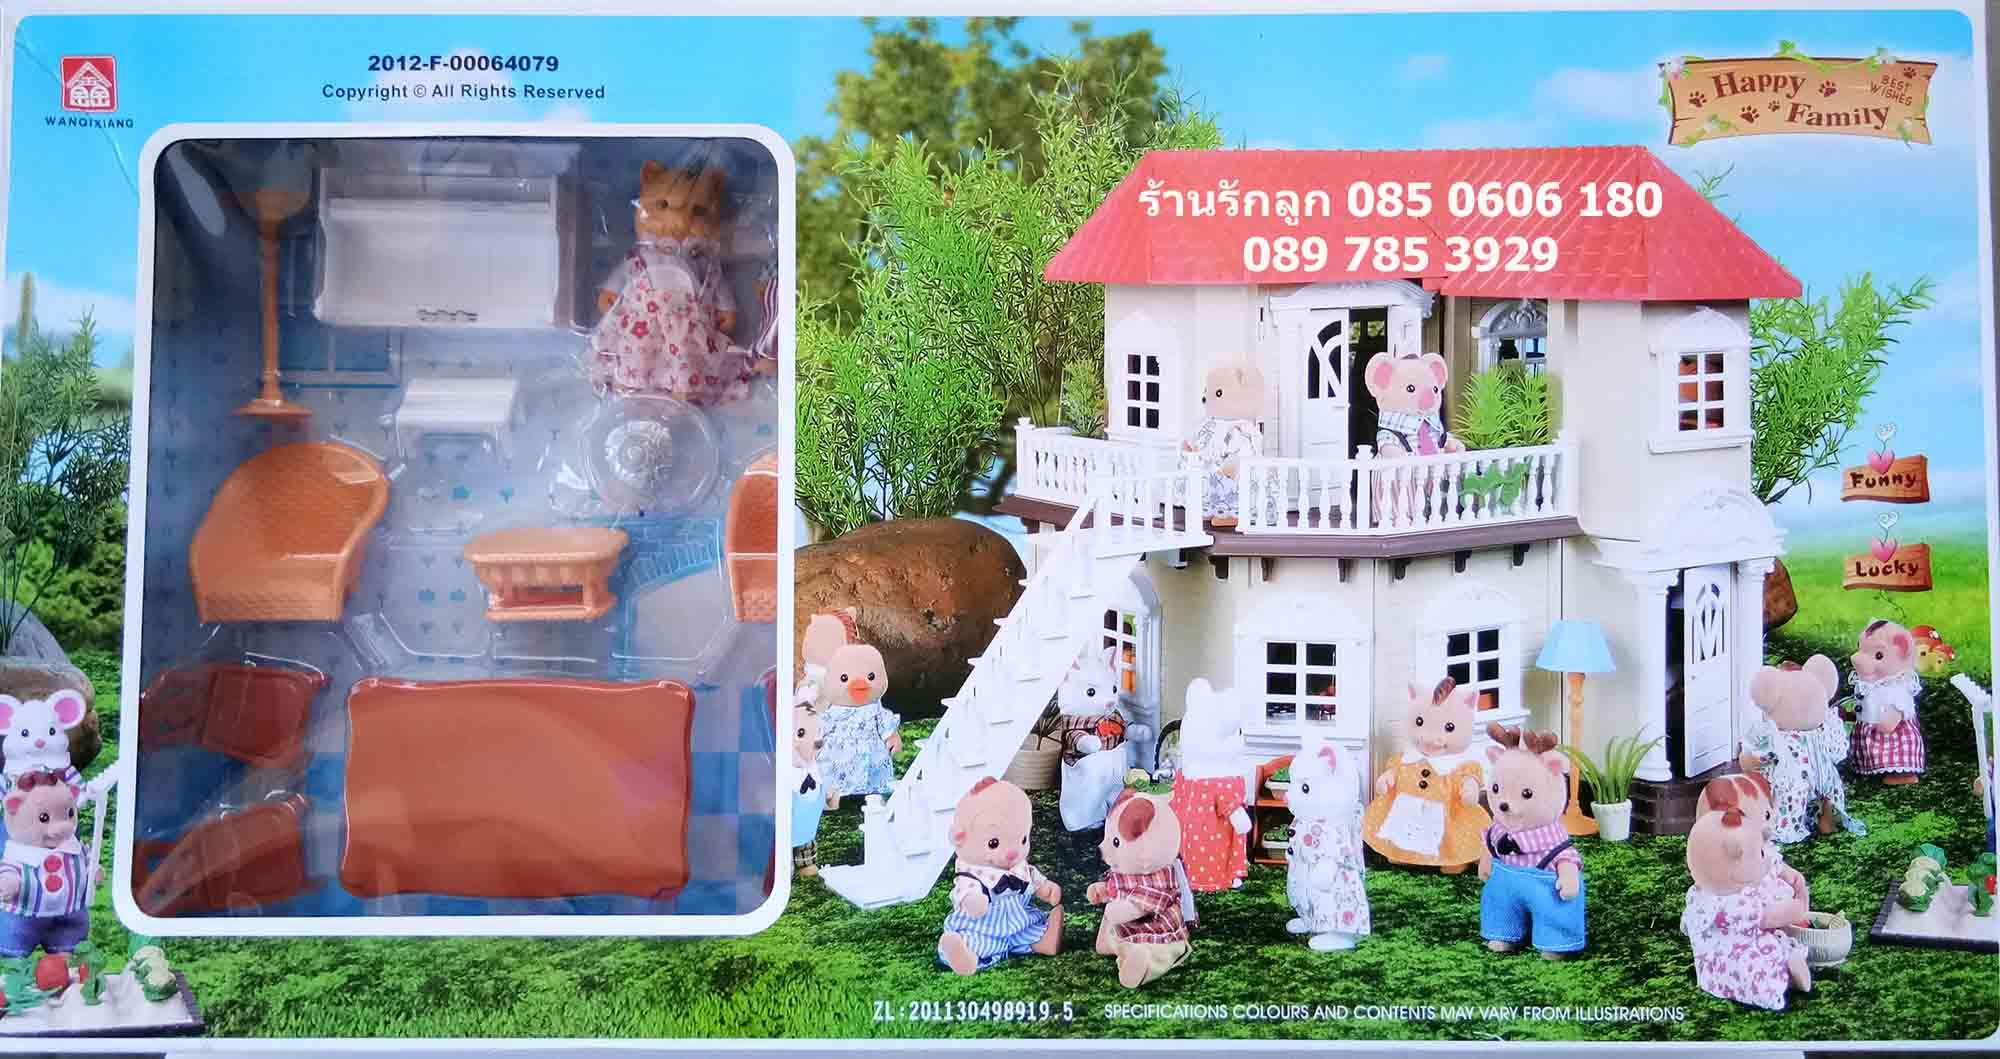 บ้านซิลวาเนียนหลังใหญ่ ตุ๊กตา 2 ตัว มาใหม่ มีบันได